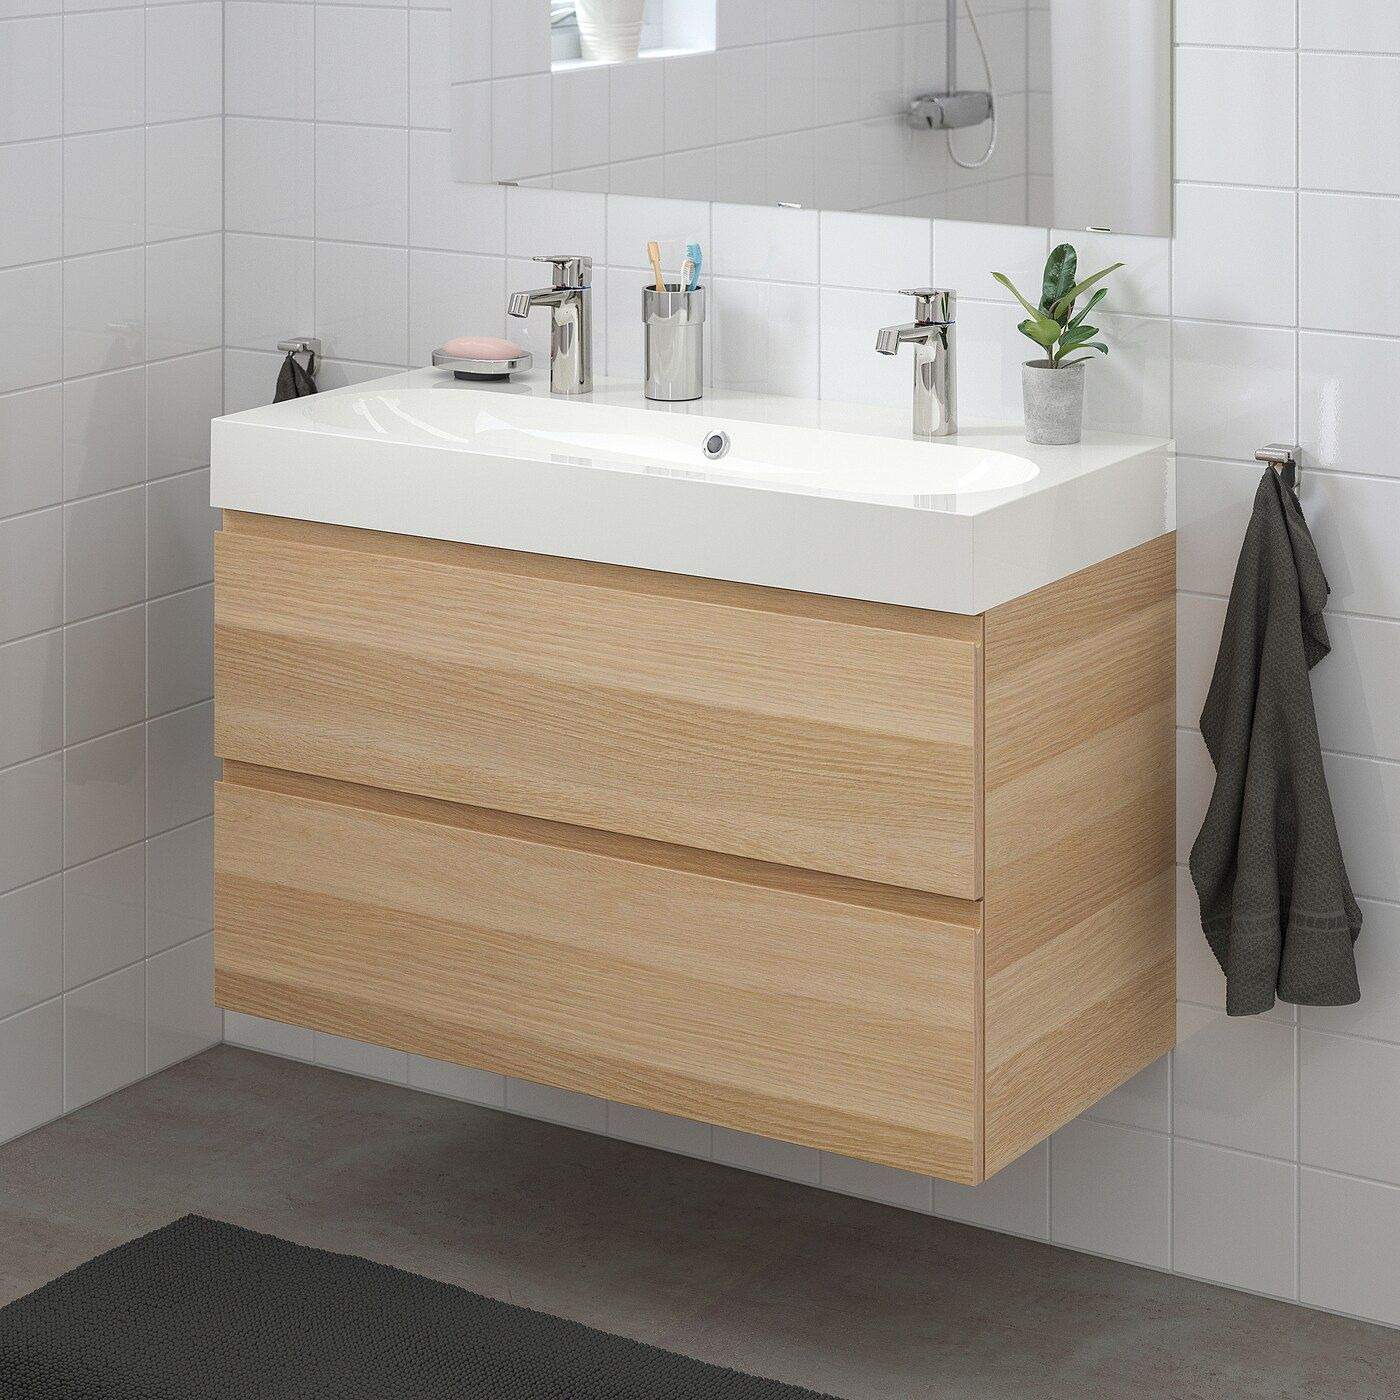 Ikea Godmorgon Braviken Waschbeckenschrank 2 Schublade Eicheneffekt Wlas Brogrund Mischbatterie In 2020 Waschbeckenschrank Ikea Godmorgon Mischbatterien